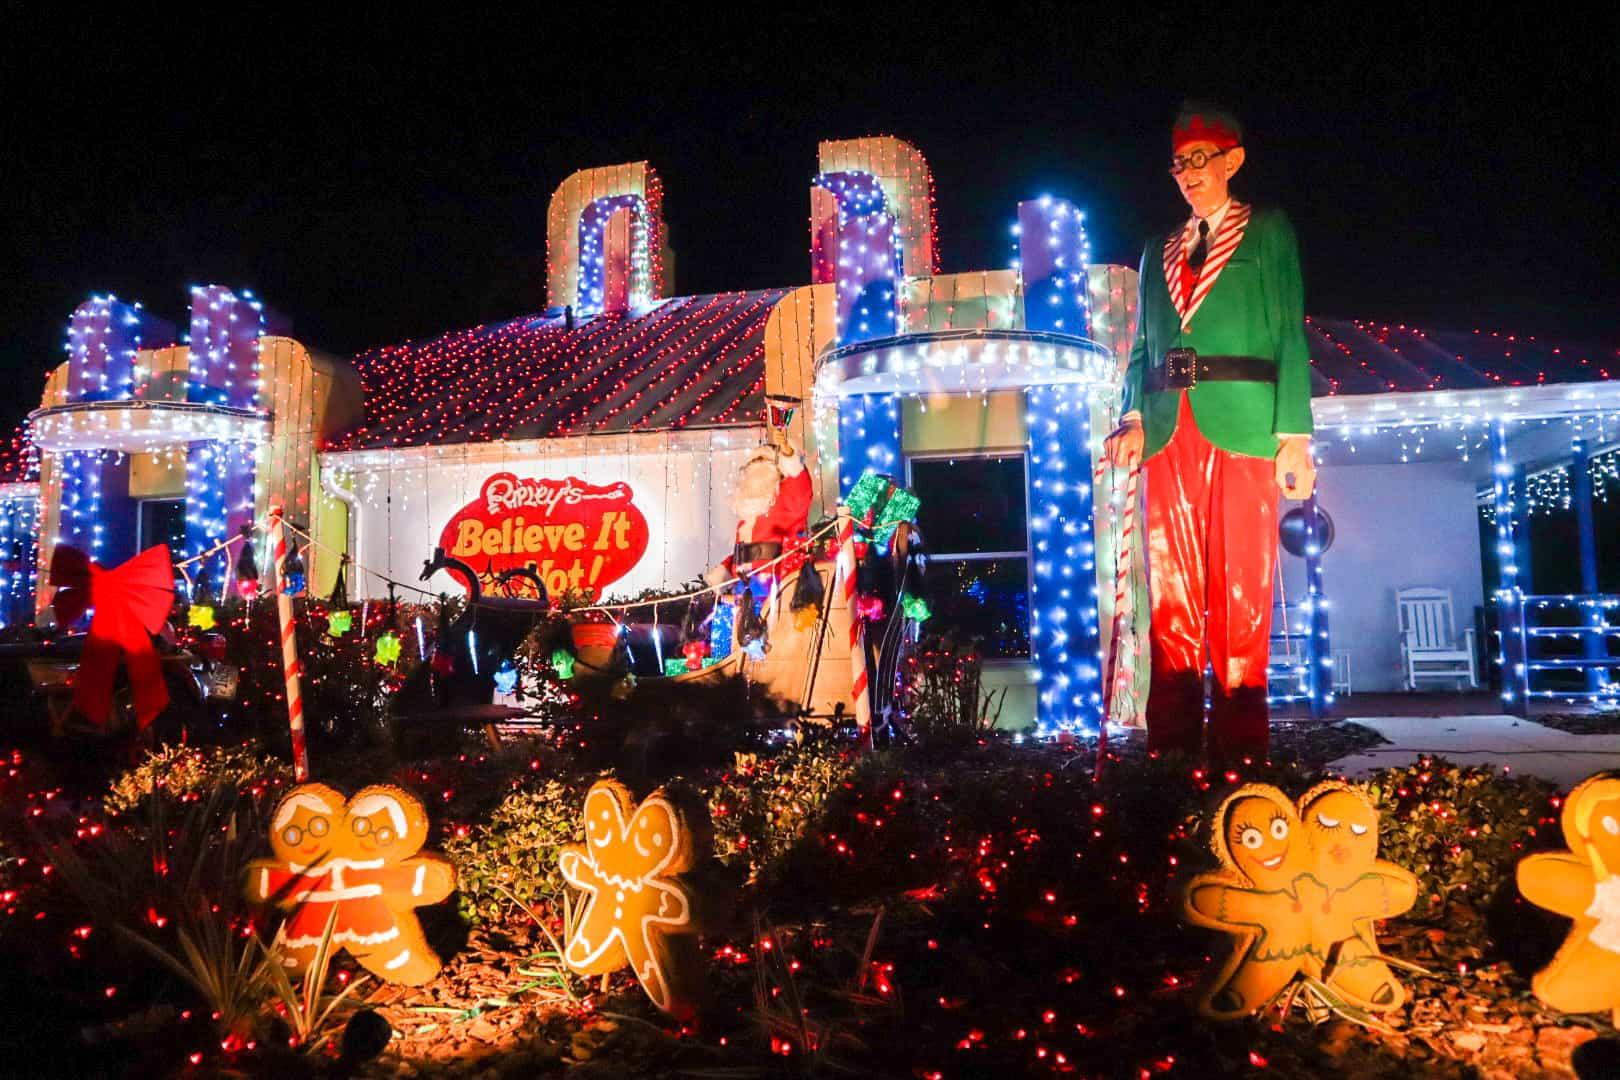 Ripley's Villa at A Night of a Million Lights